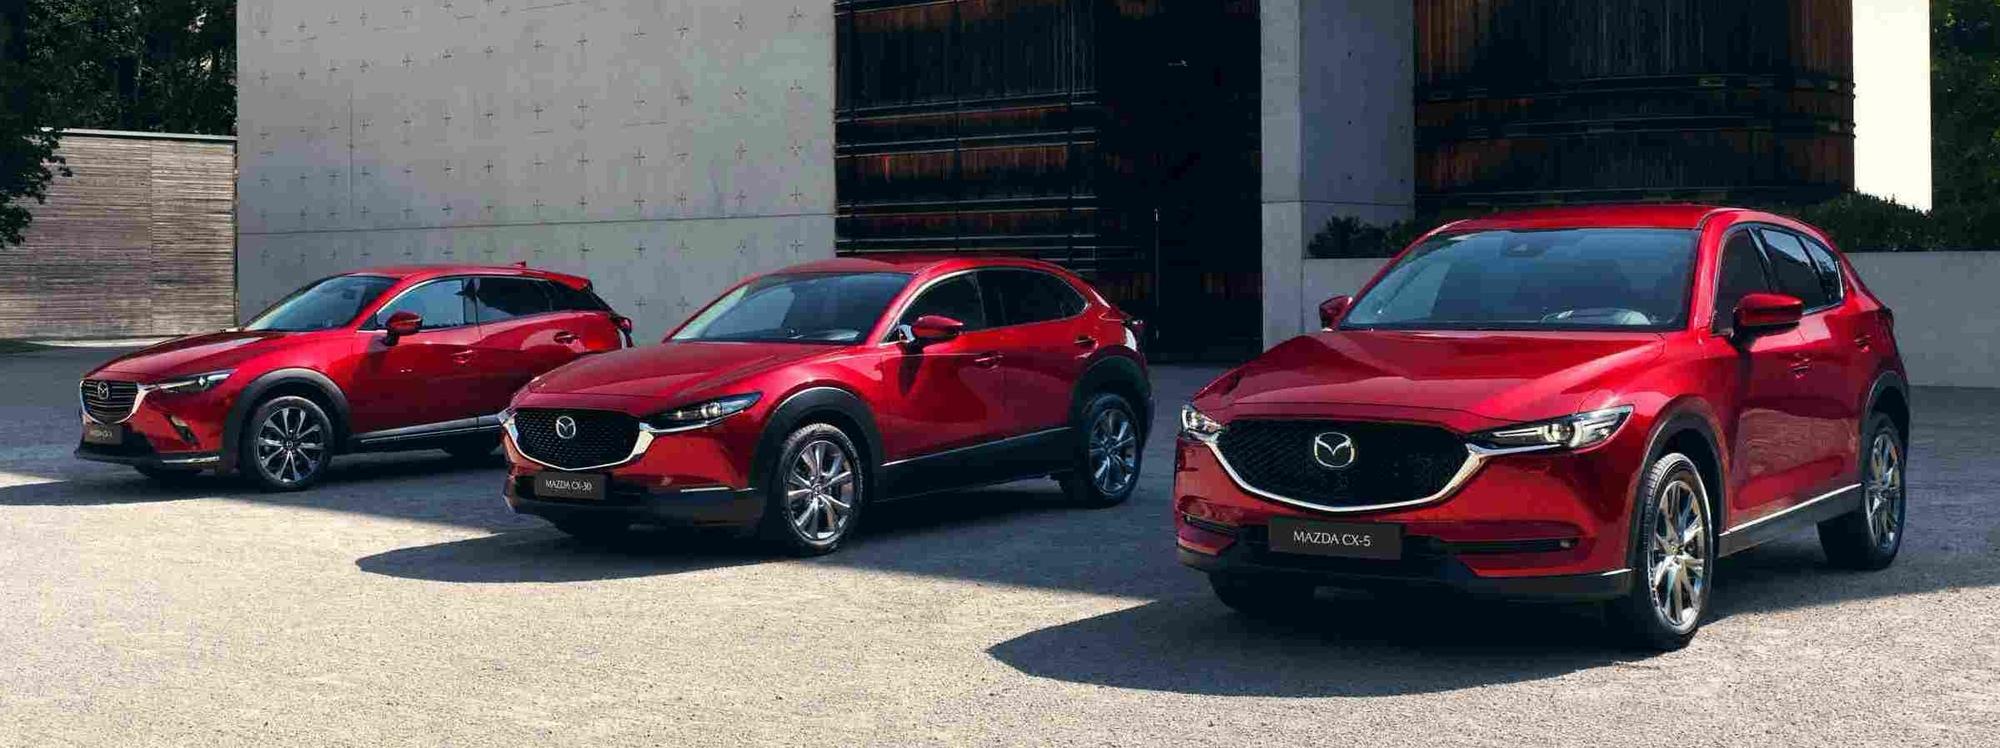 Mazda celebra centenario con varios reconocimientos a nivel mundial